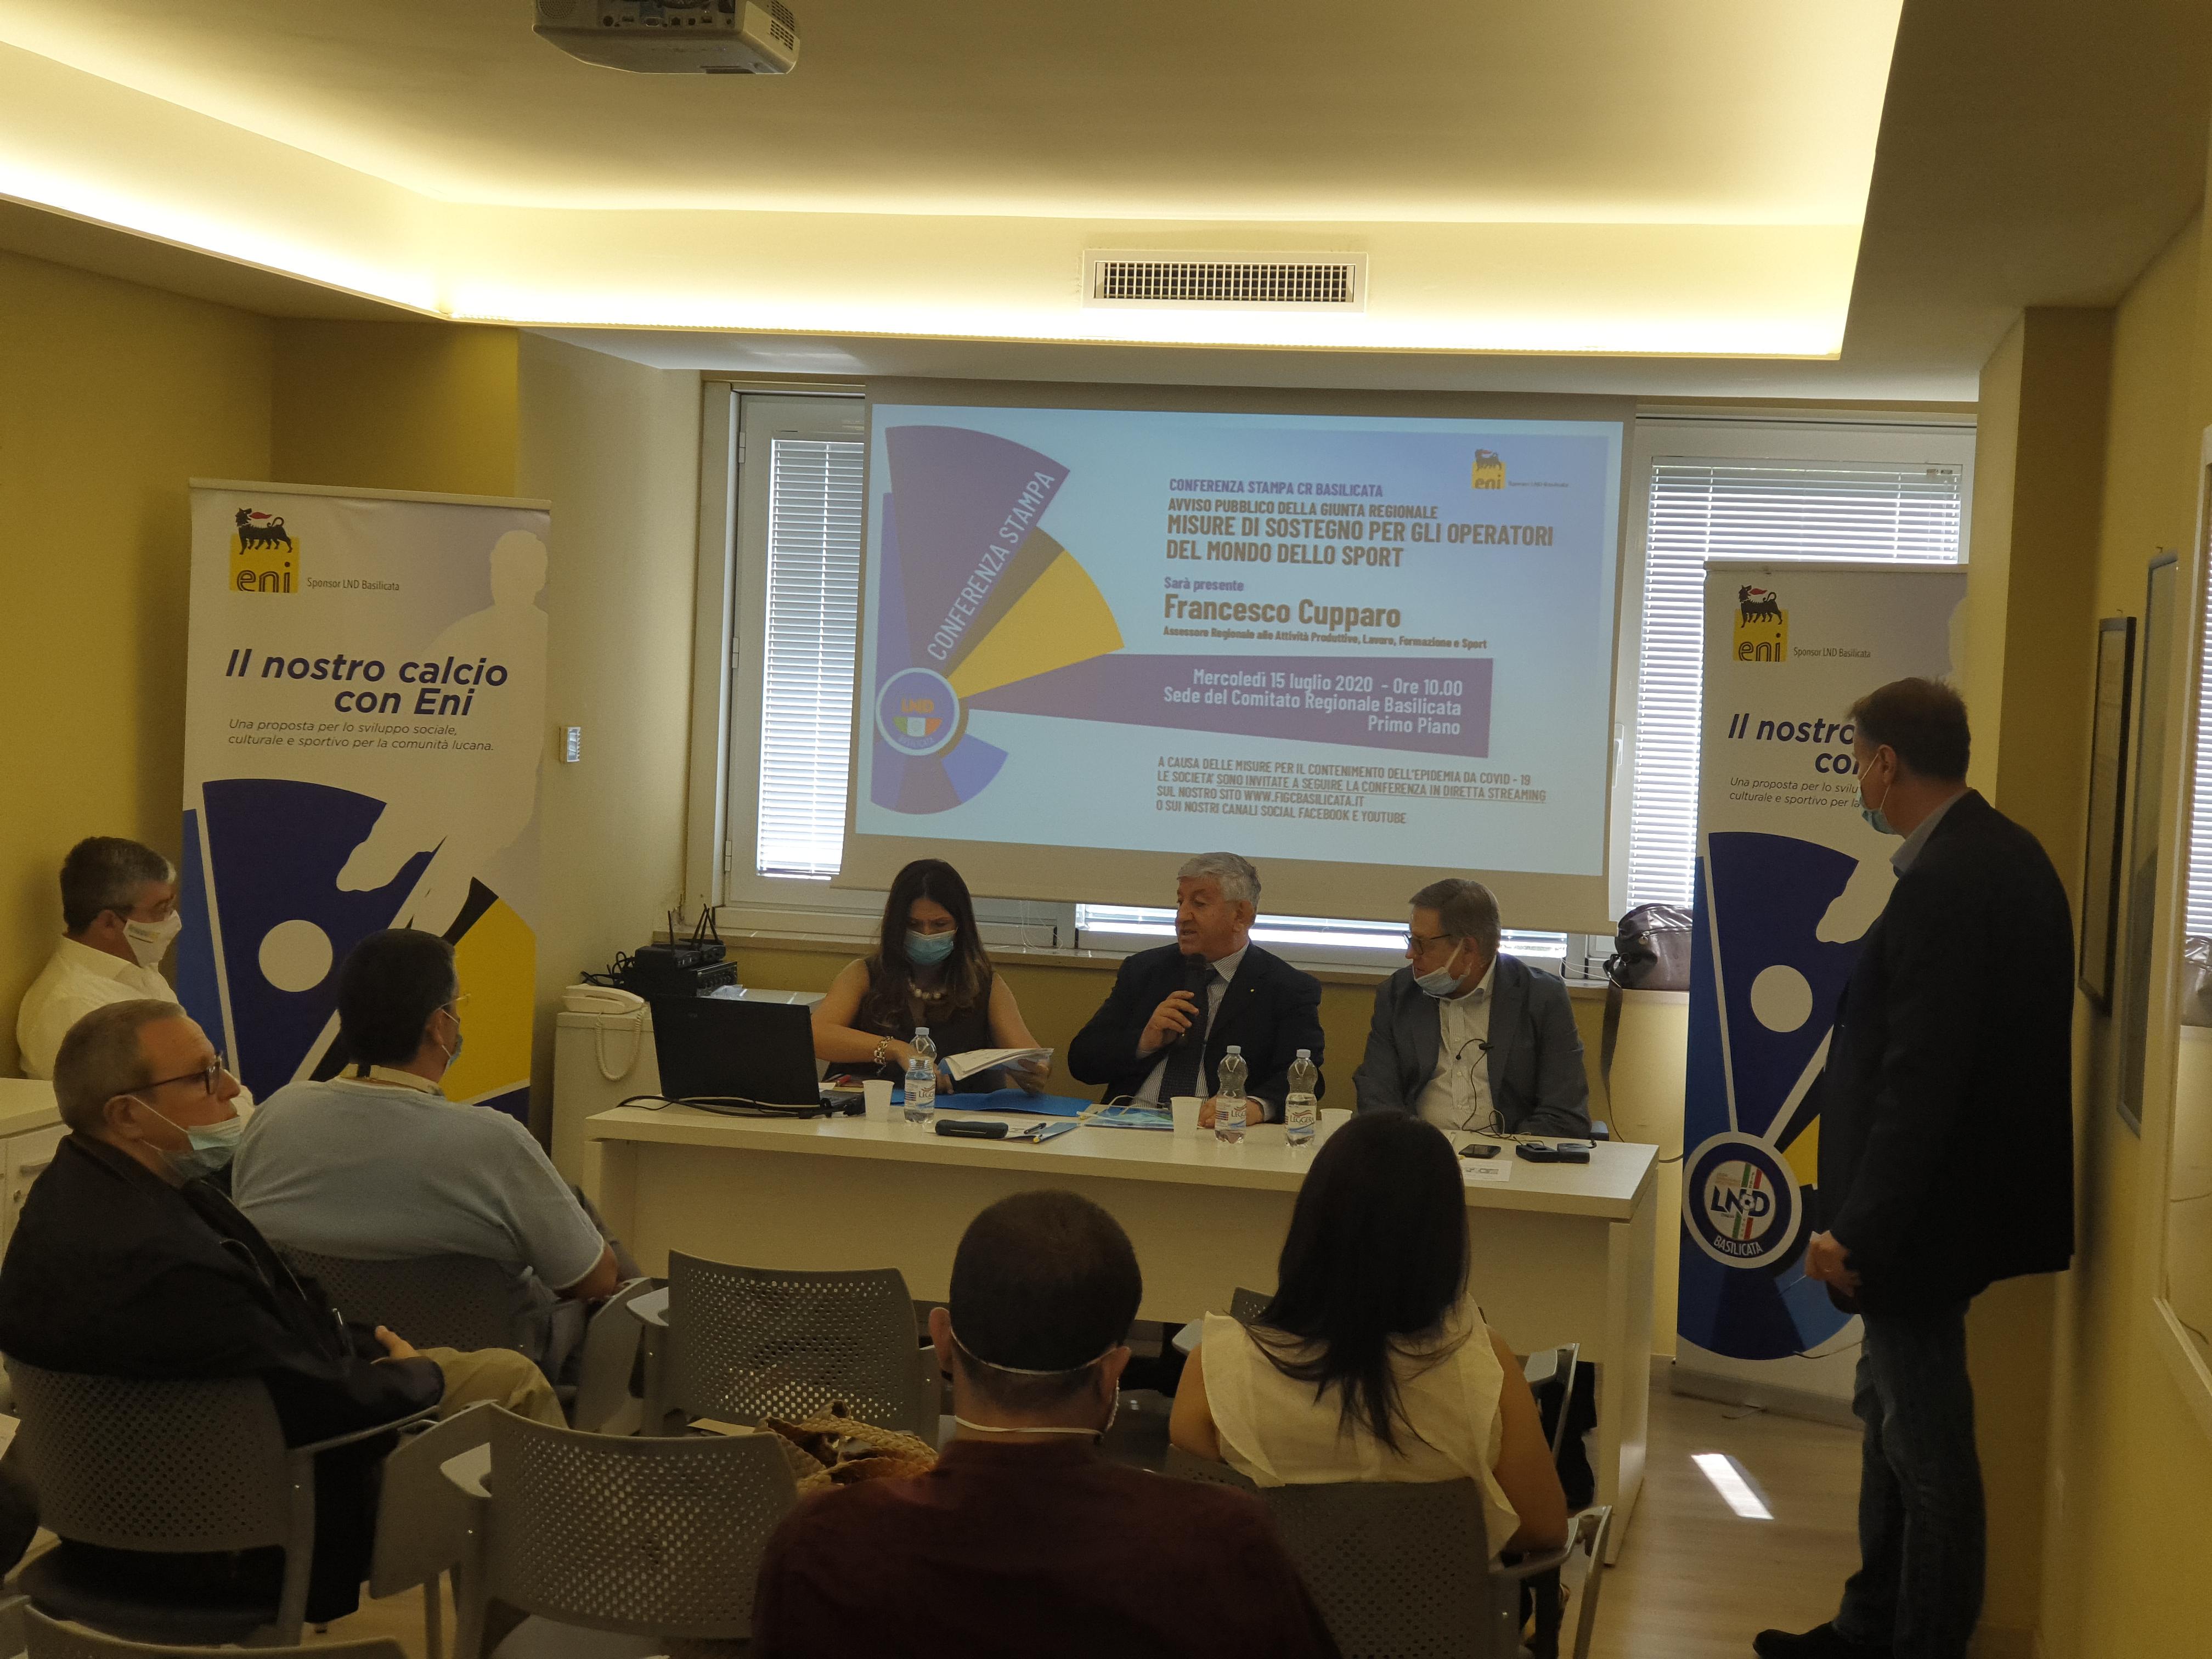 CRB, presentato l'Avviso Pubblico della Giunta Regionale sulle misure di sostegno per gli operatori del mondo dello sport